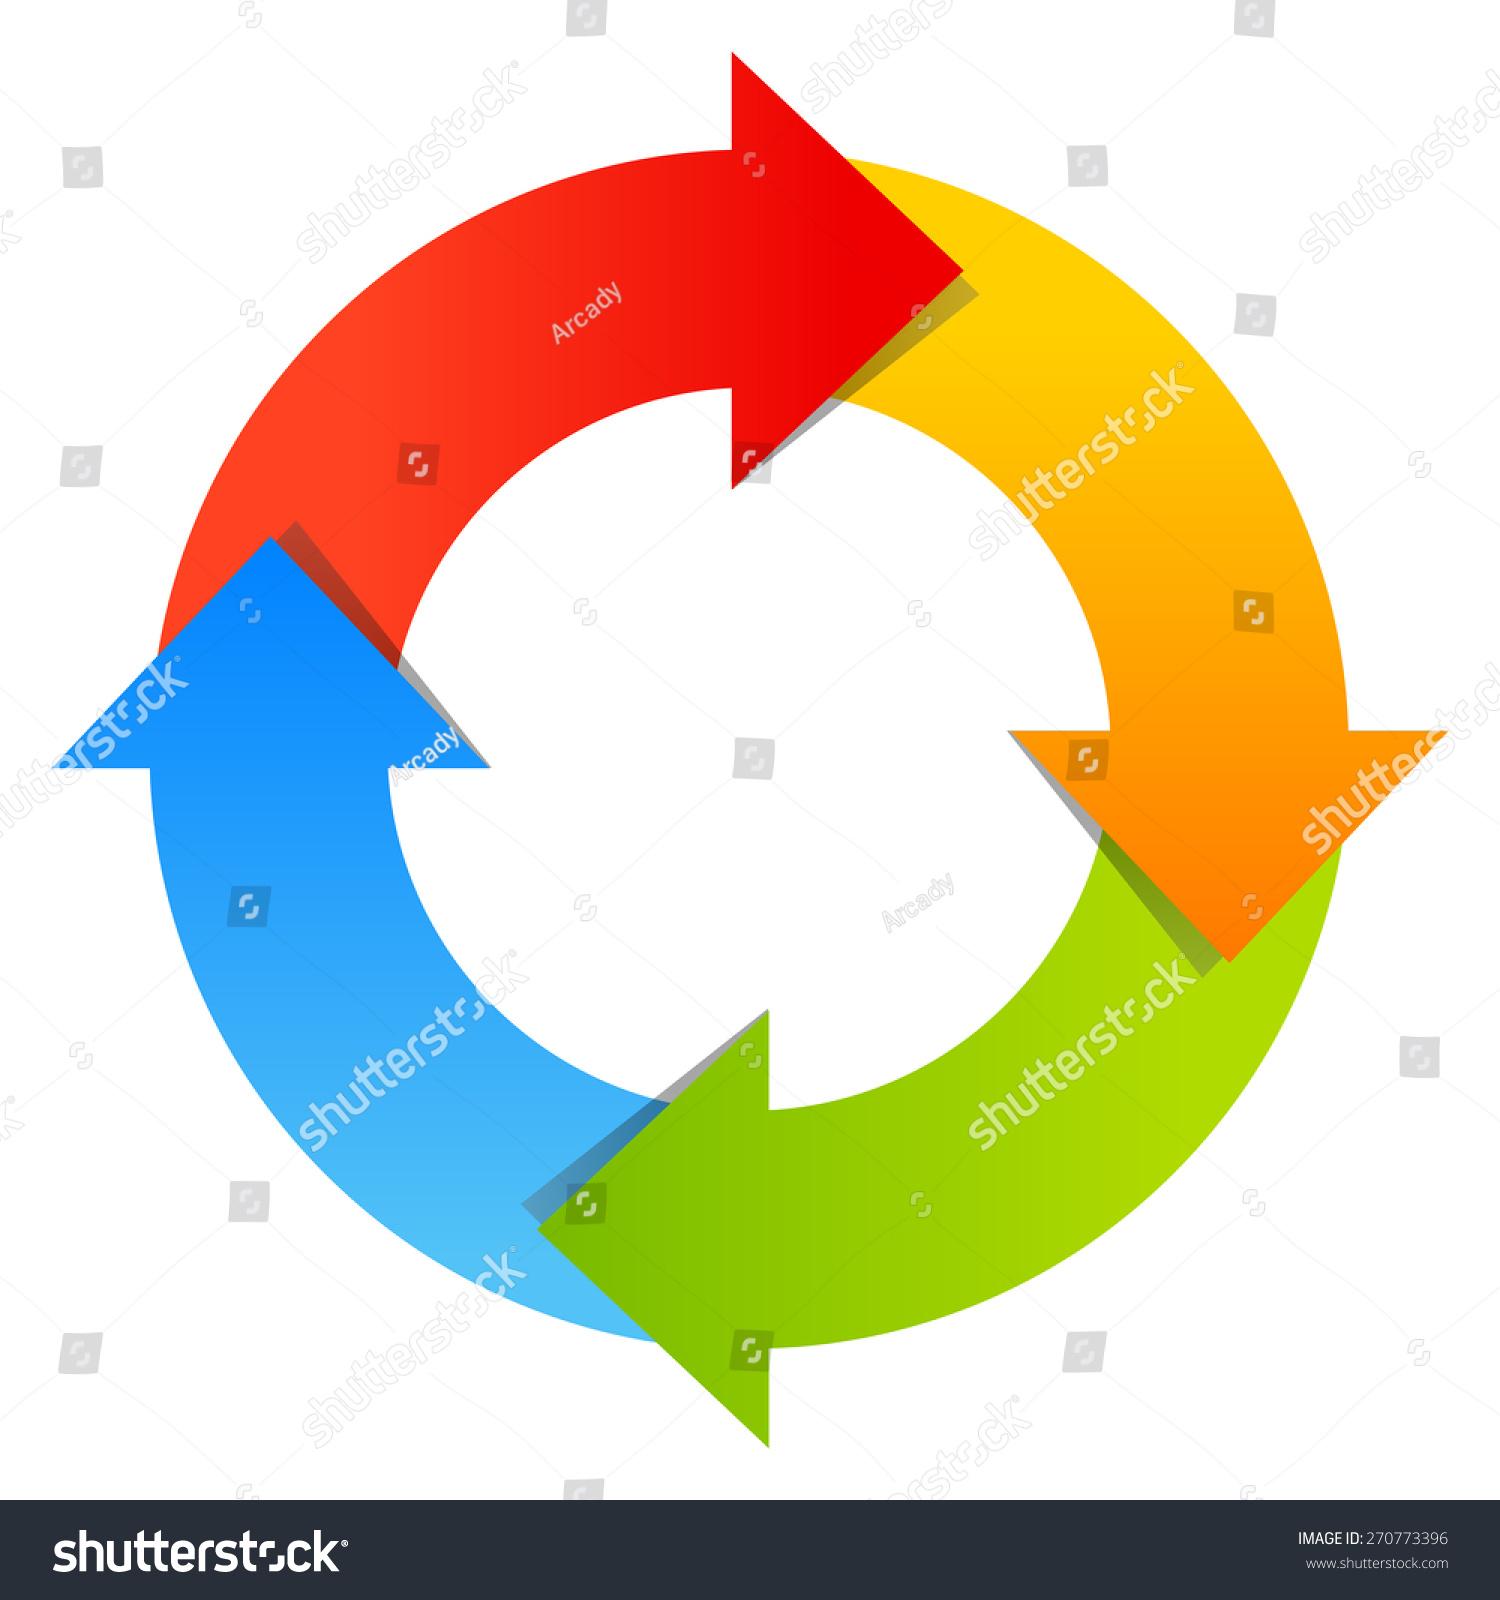 3 arrow circle diagram quell smoke alarm wiring circular arrows stock vector 270773396 shutterstock